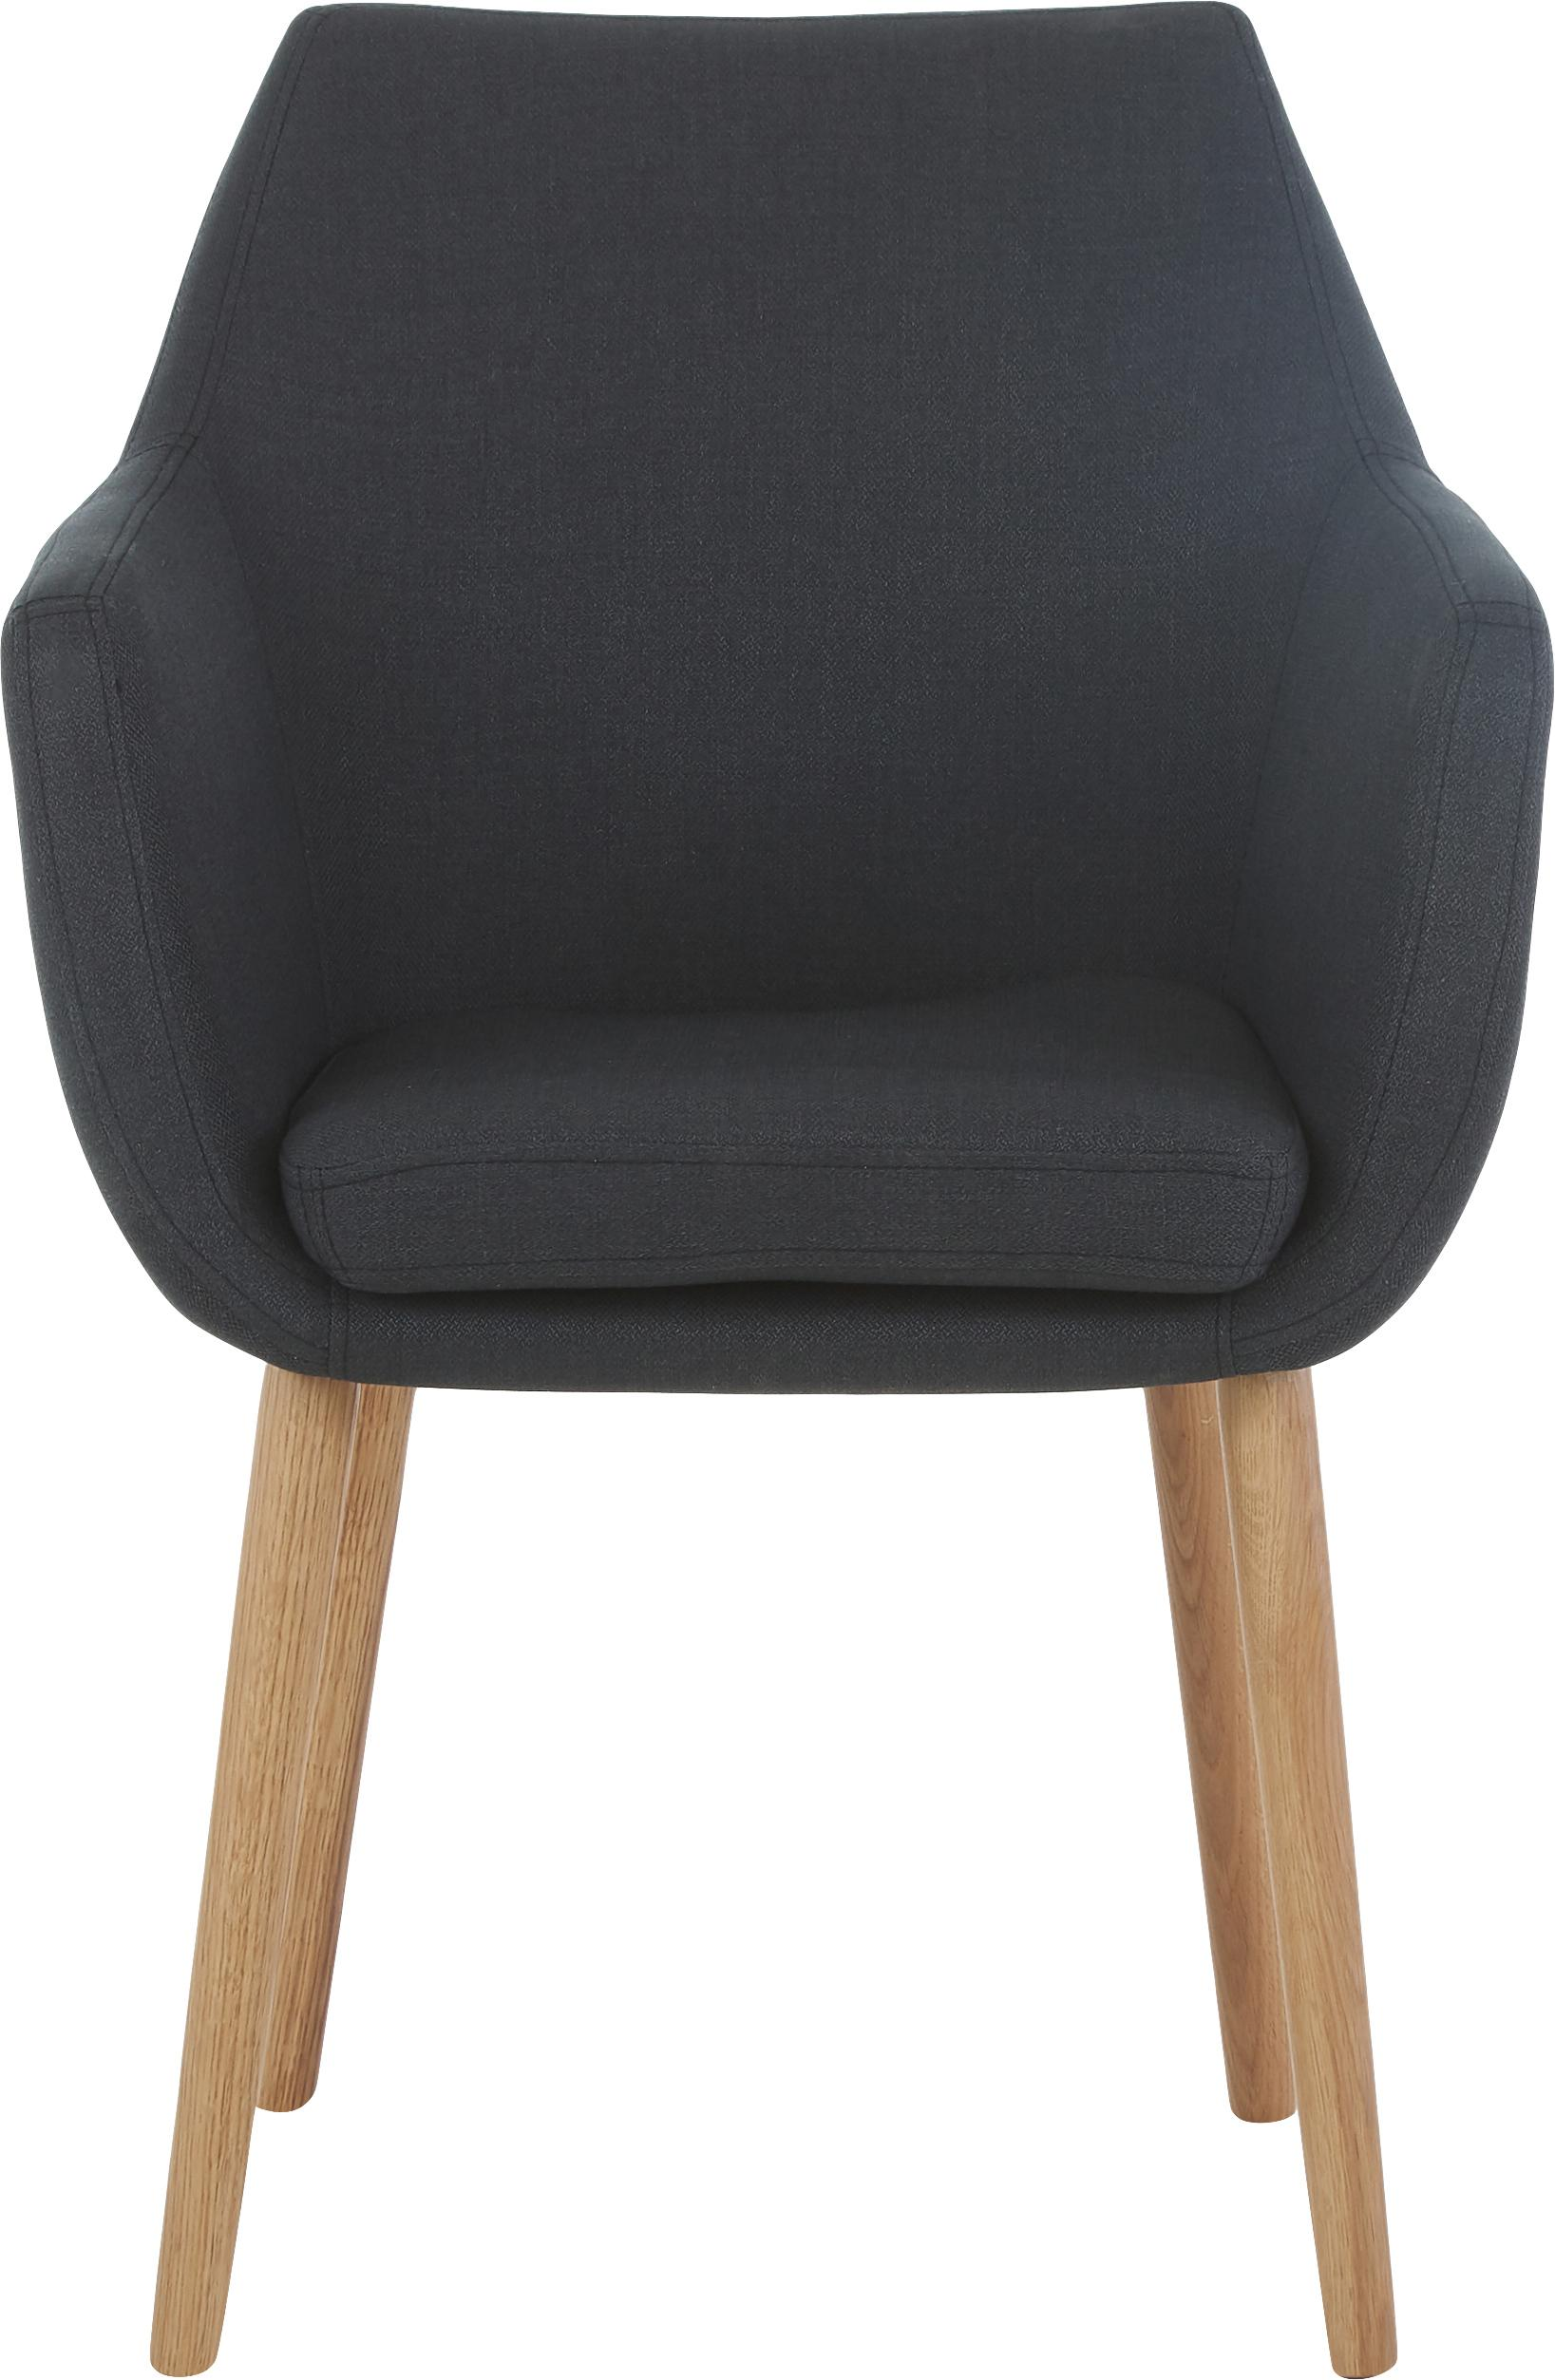 Armlehnstuhl Nora im Skandi Design, Bezug: 100% Polyester, Beine: Eichenholz, Webstoff Anthrazit, Beine Eiche, B 58 x T 58 cm